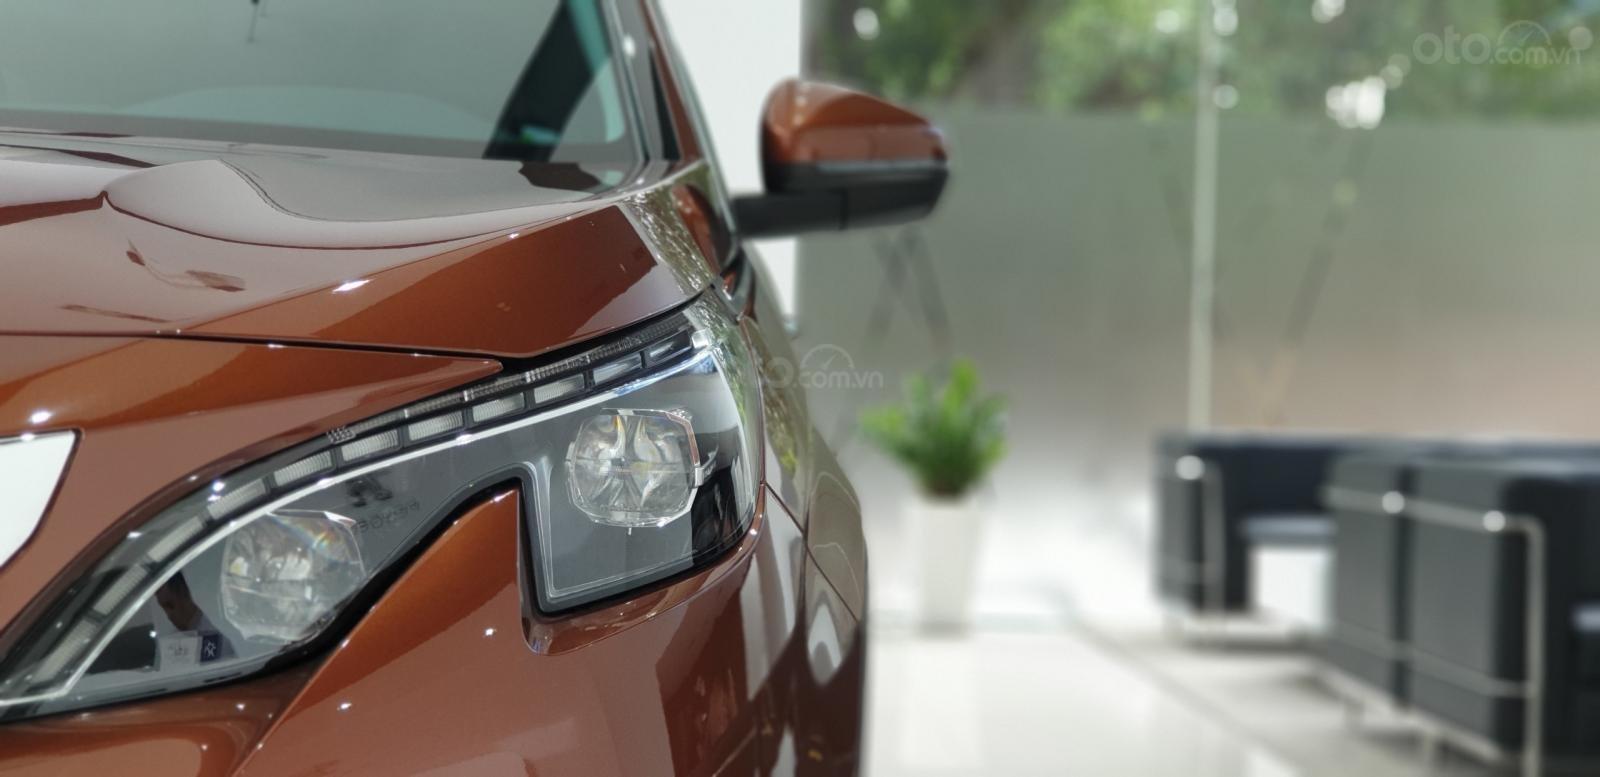 Peugeot Thanh Xuân - Peugeot 3008 AN giá tốt nhất thị trường + bảo hành chính hãng lên tới 5 năm (5)